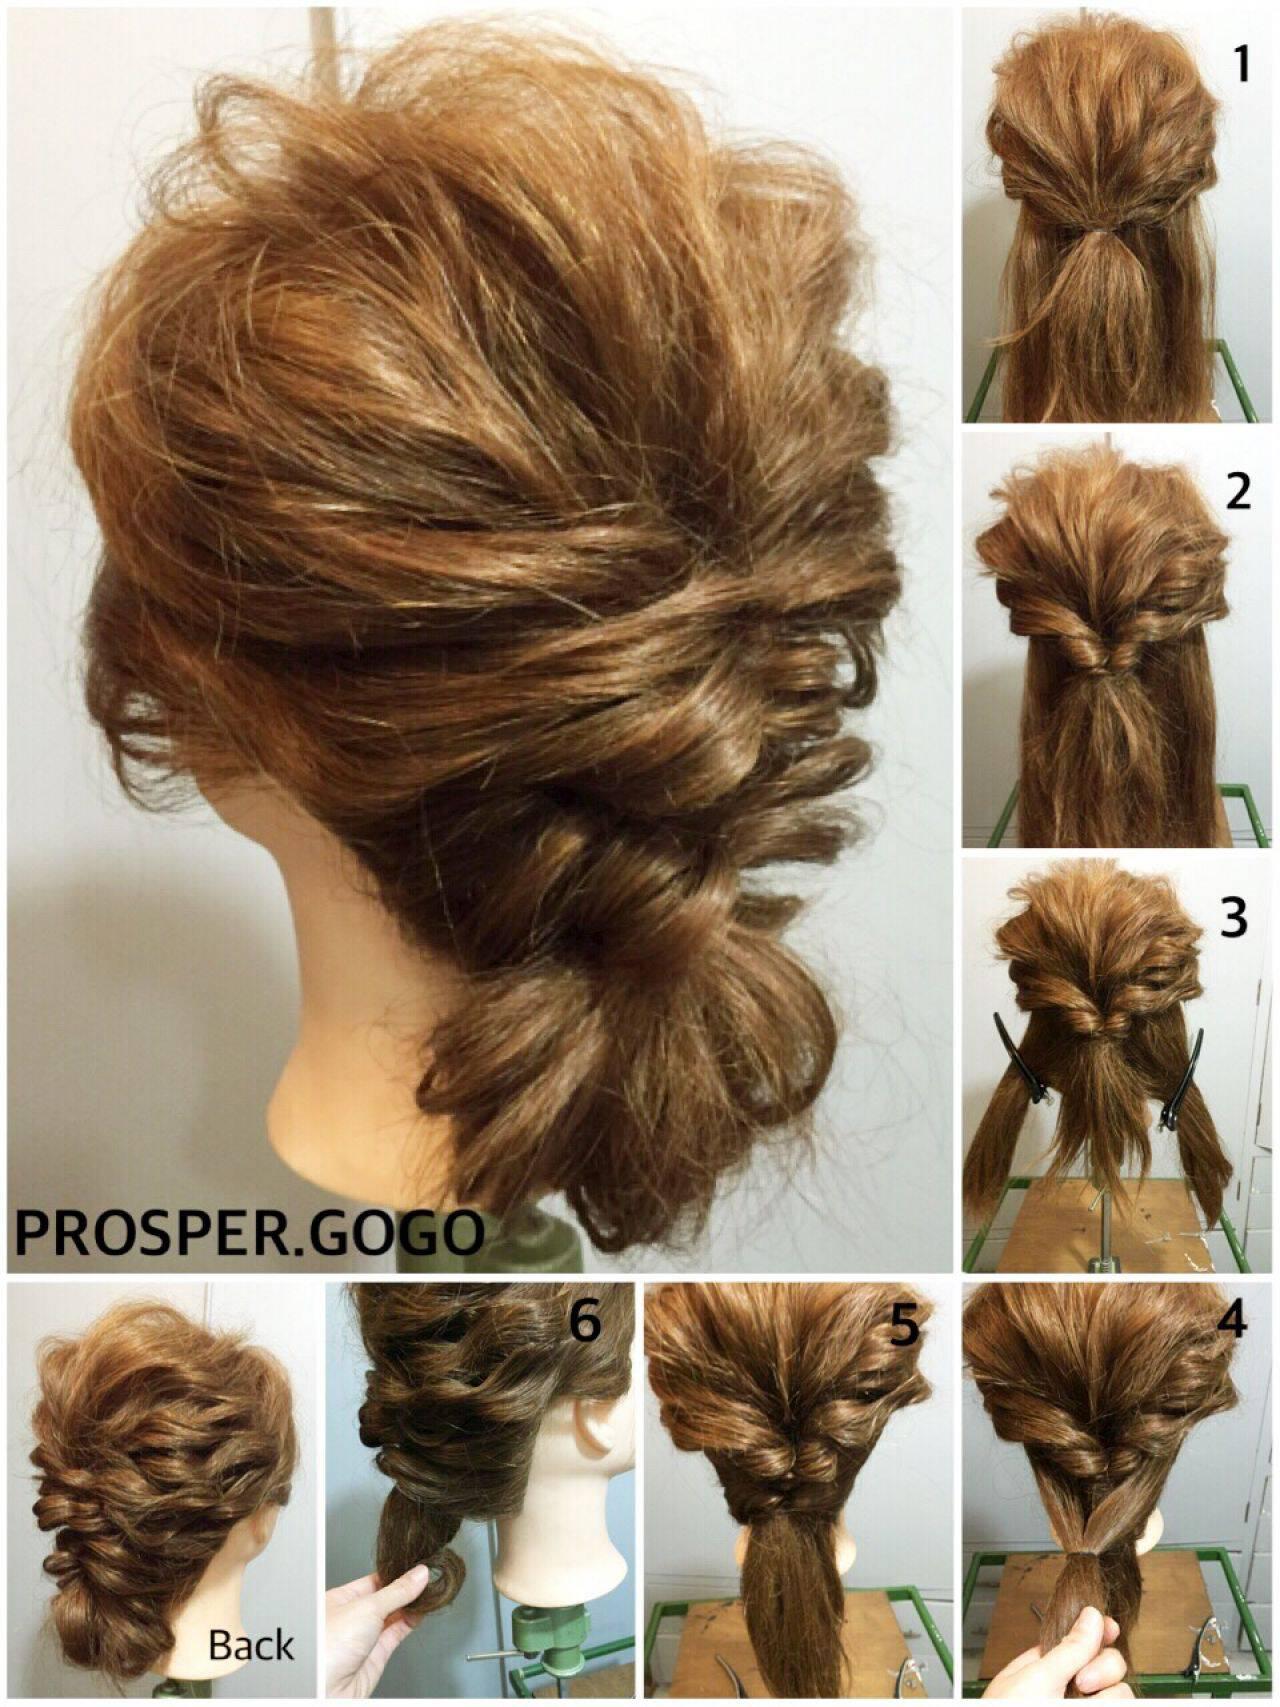 ゆるふわ ヘアアレンジ ナチュラル セルフヘアアレンジヘアスタイルや髪型の写真・画像